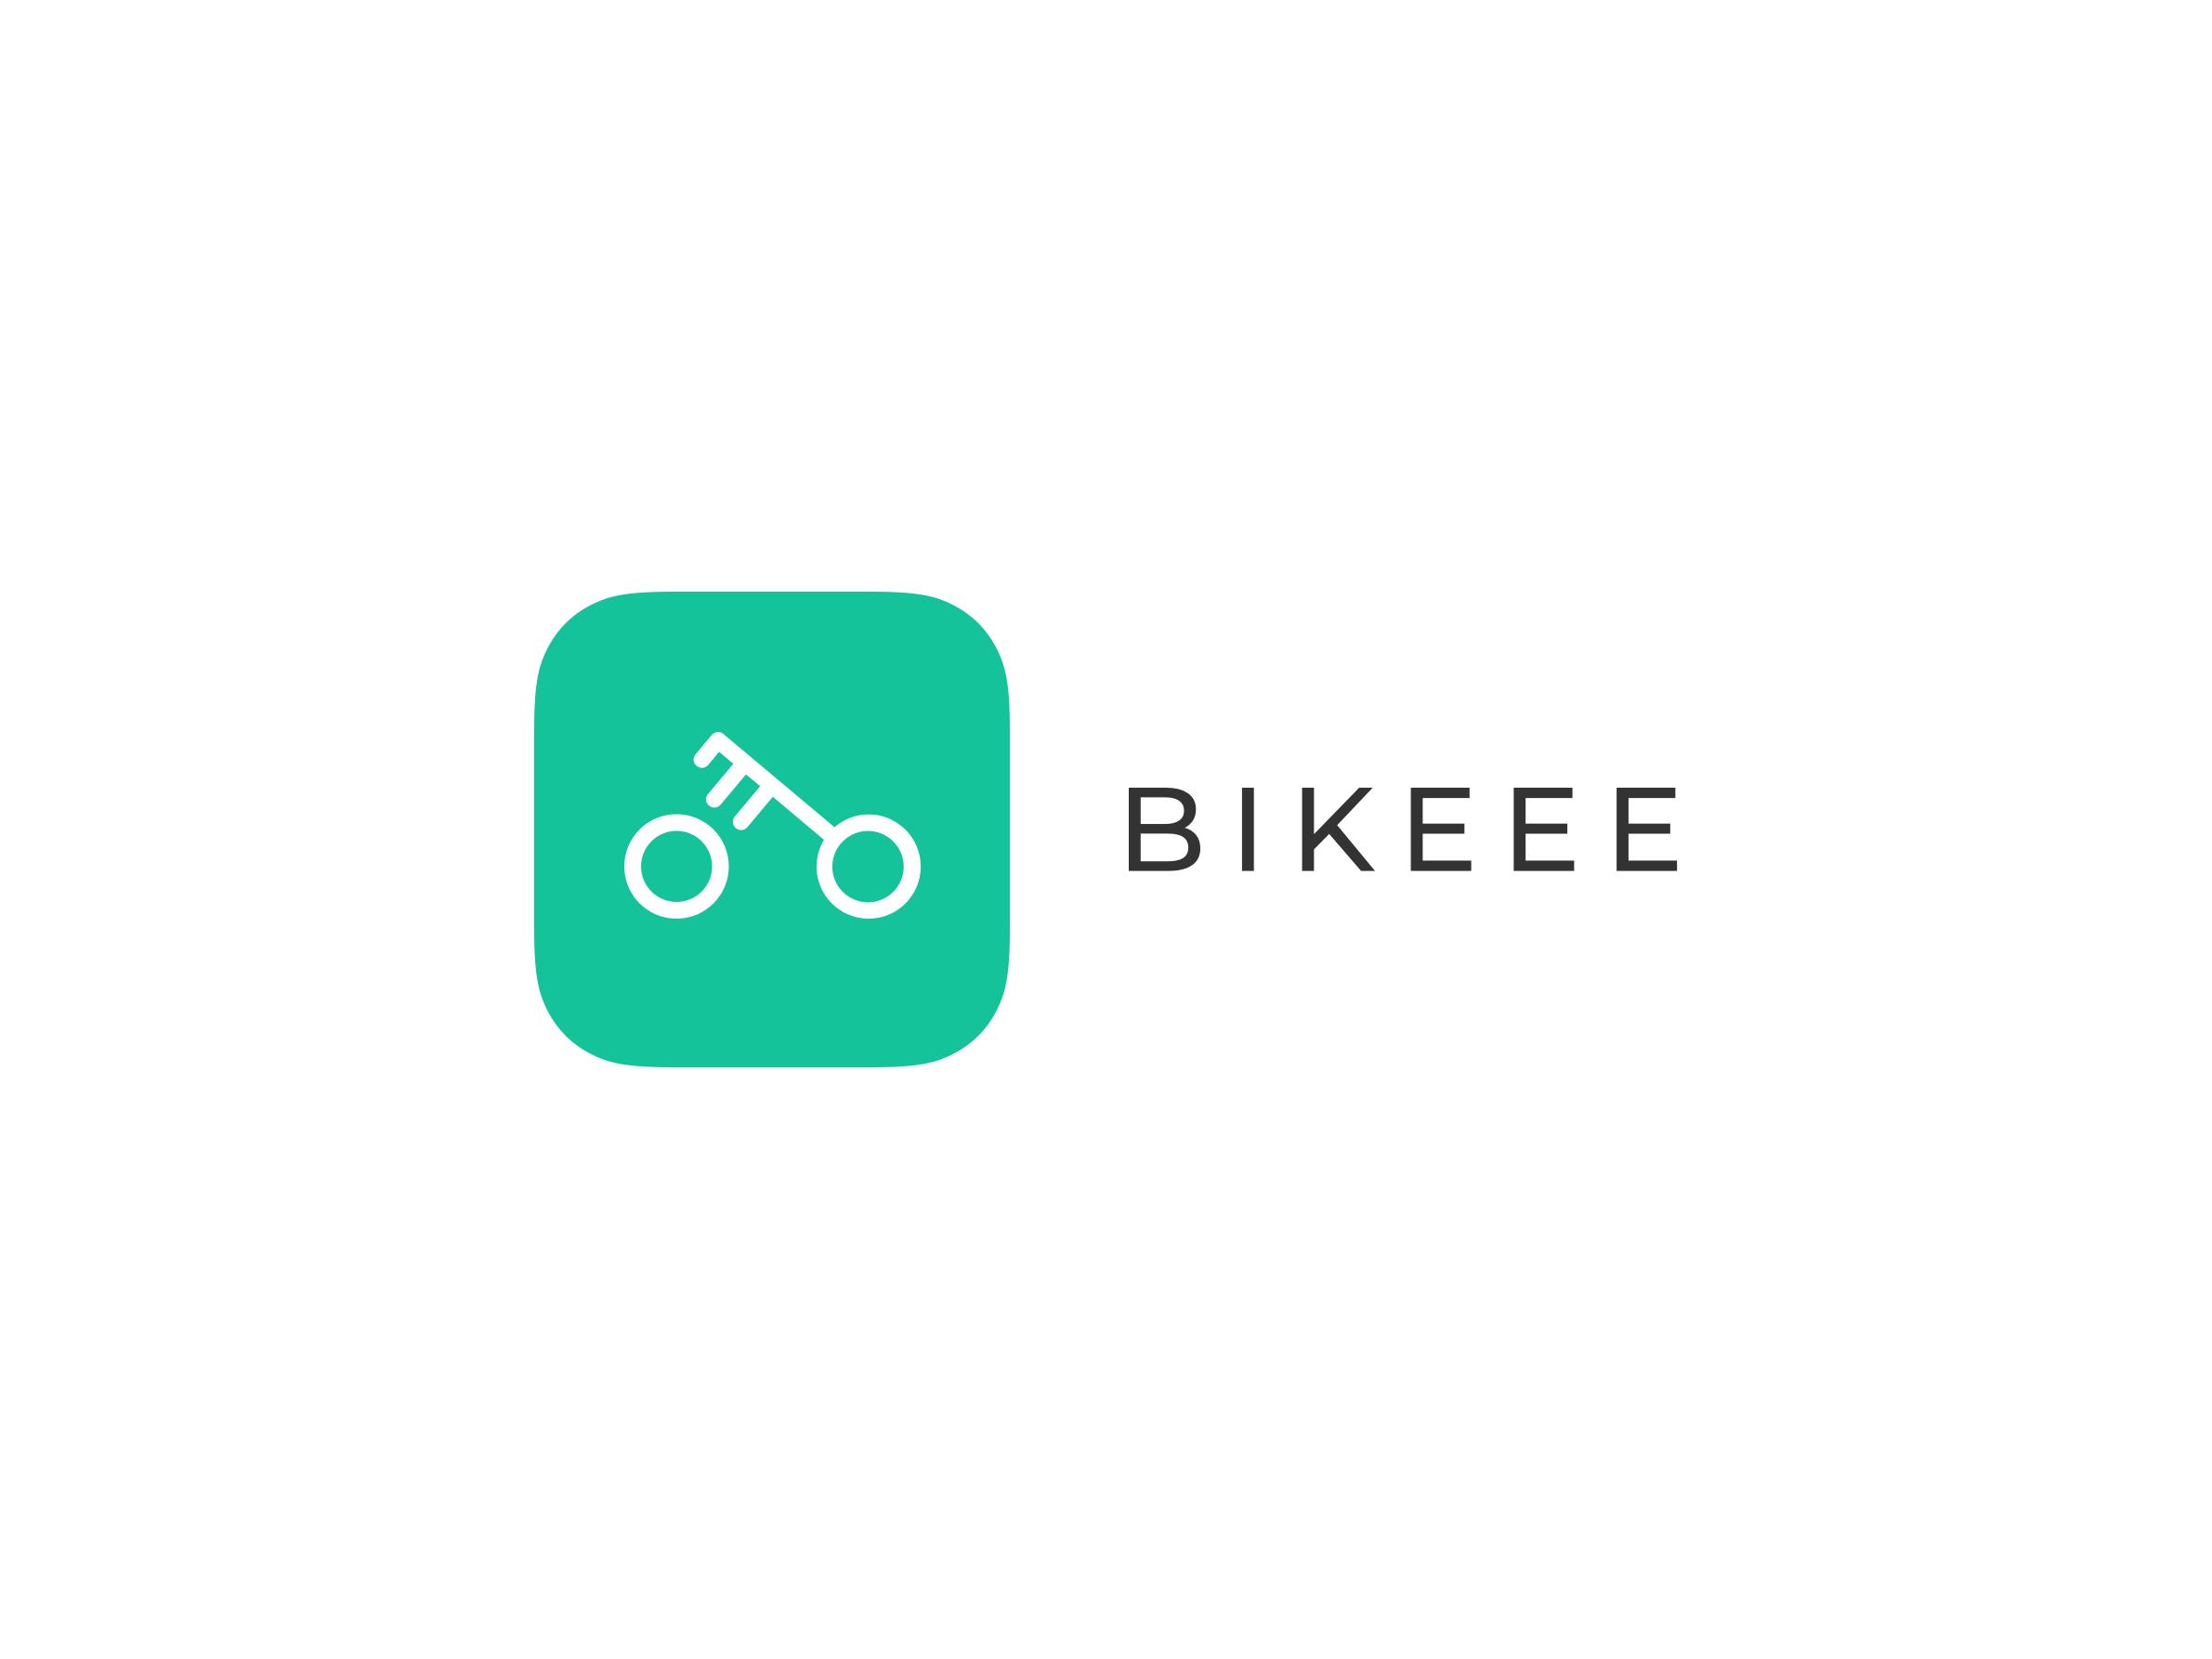 bikeee-app-icon